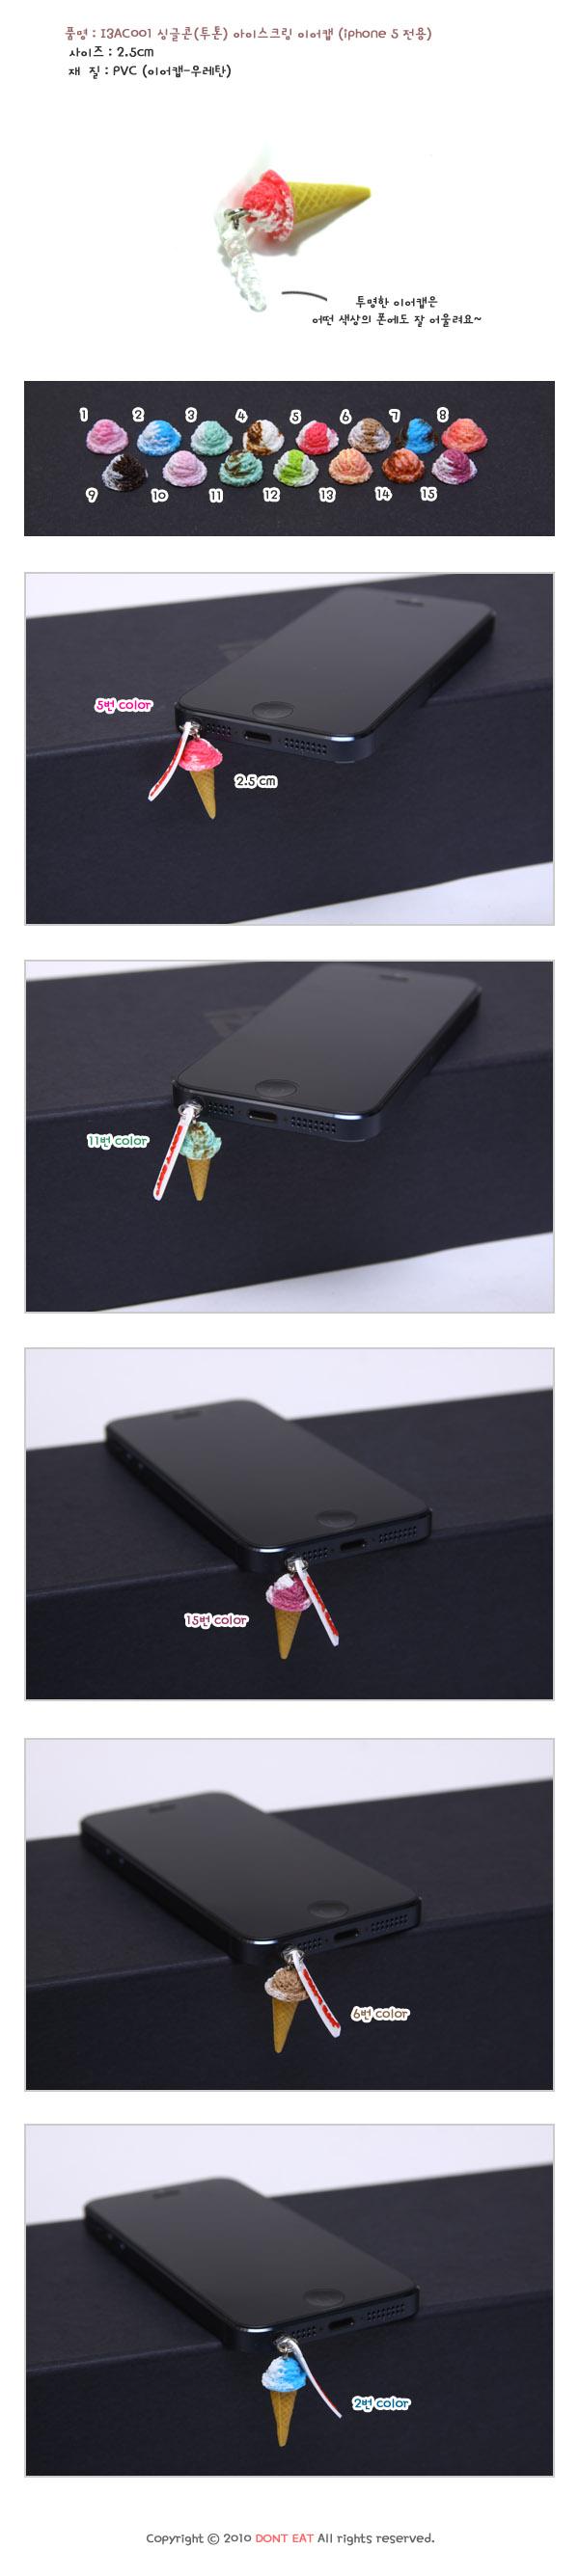 싱글콘(투톤) 아이스크림 이어캡 (아이폰5 전용) - 돈트잇, 3,000원, 스티커/이어캡, 이어캡